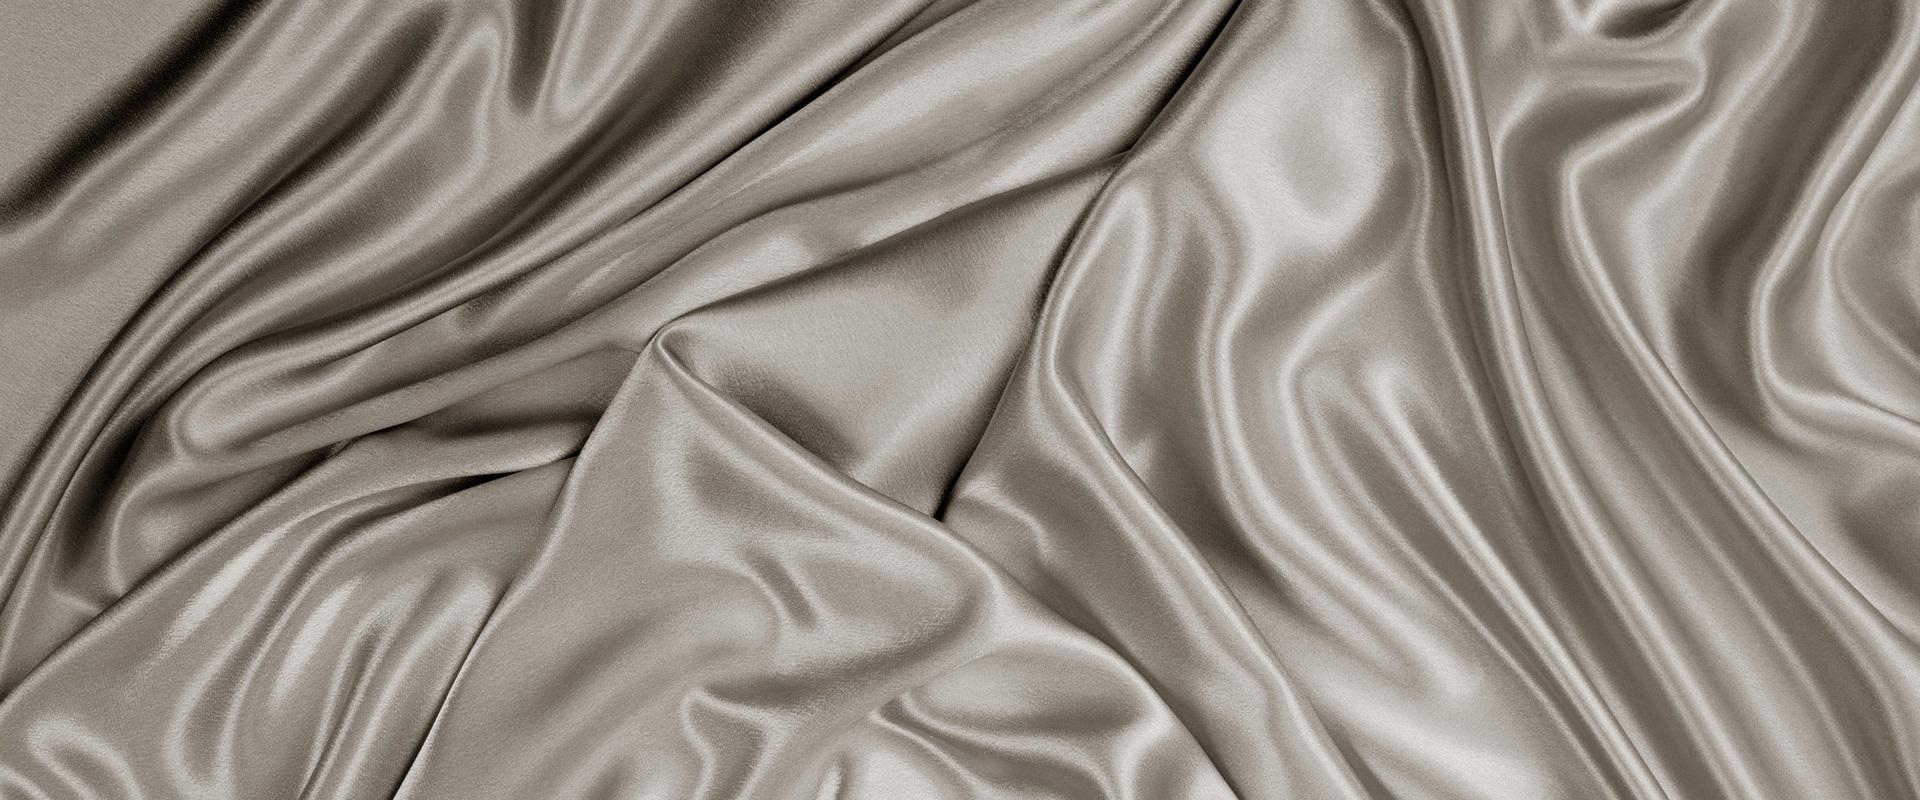 Как приготовить антистатик для одежды в домашних условиях_5